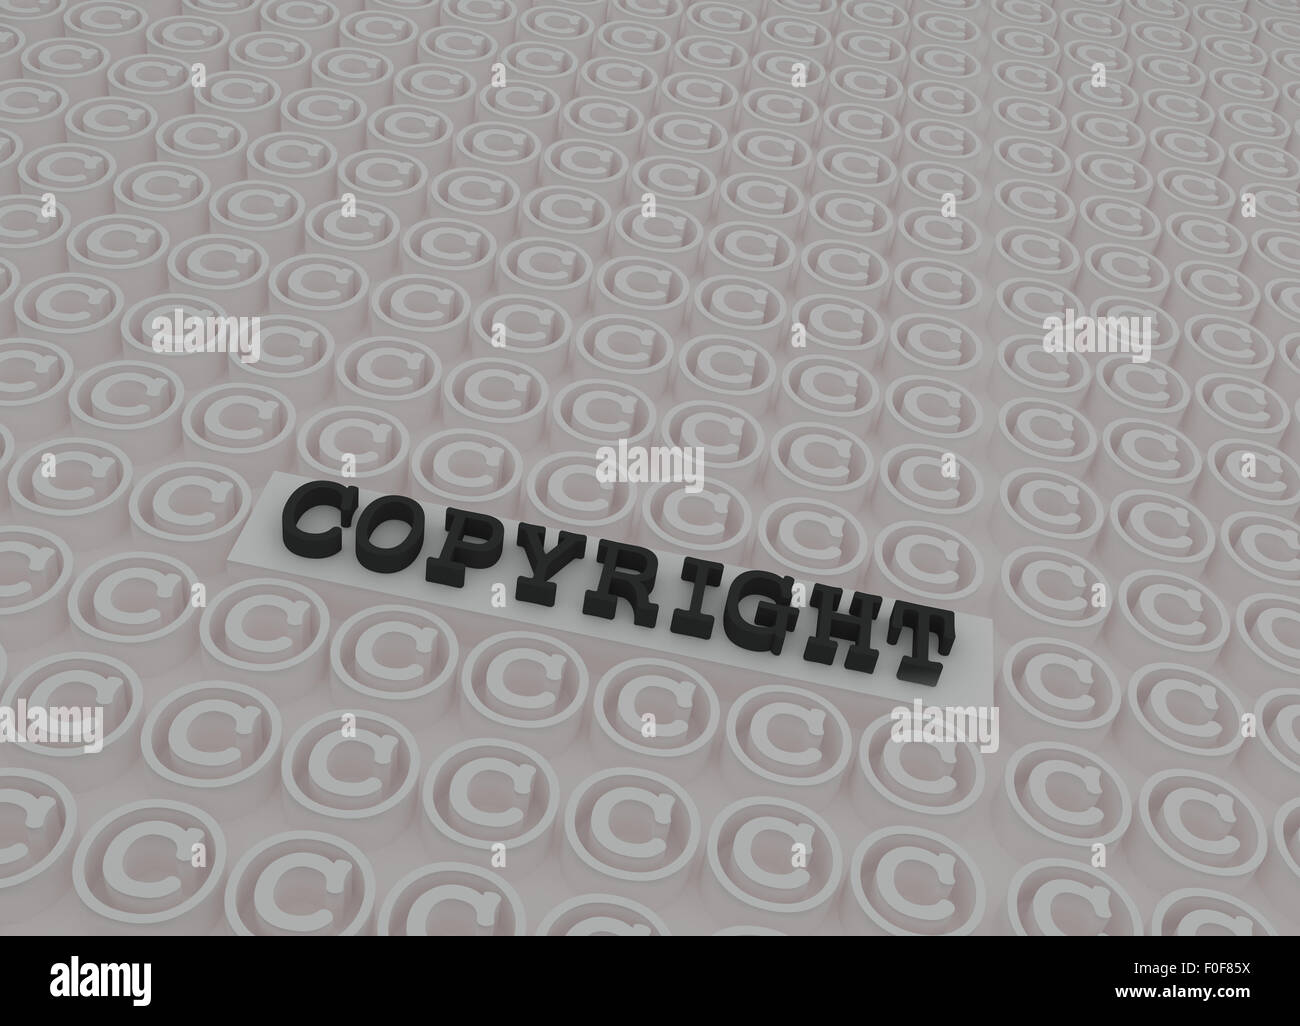 Colore nero 3d testo di copyright sulla piattaforma interna 3d copyright simboli bianchi. Foto Stock